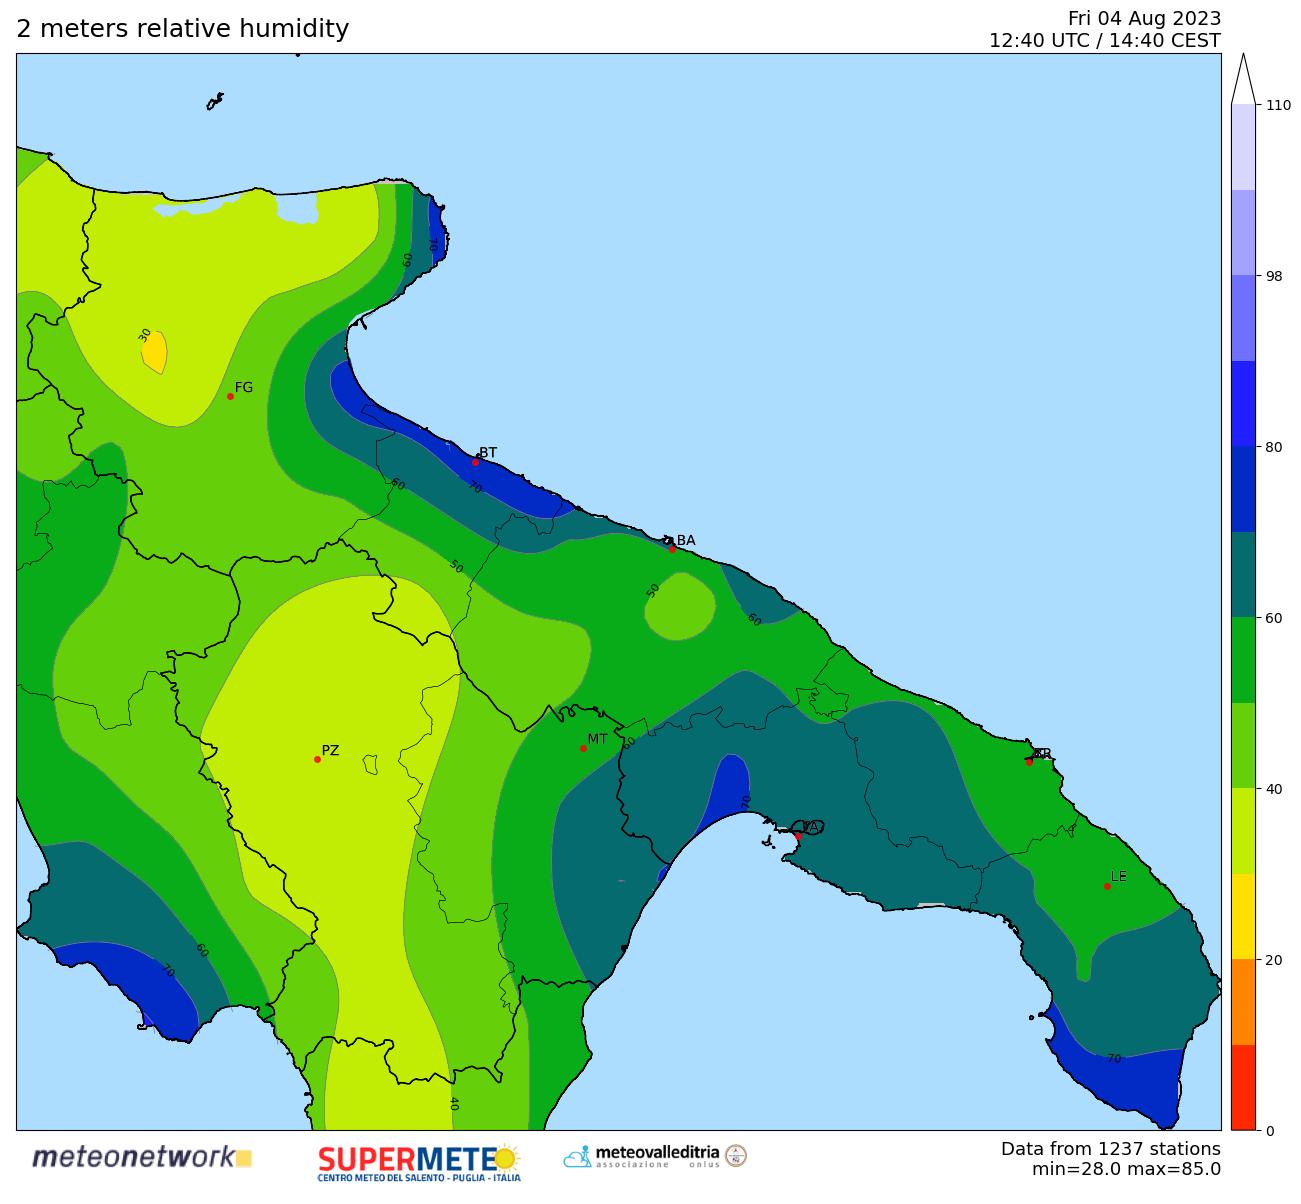 mappa real time umidit� Puglia-Basilicata